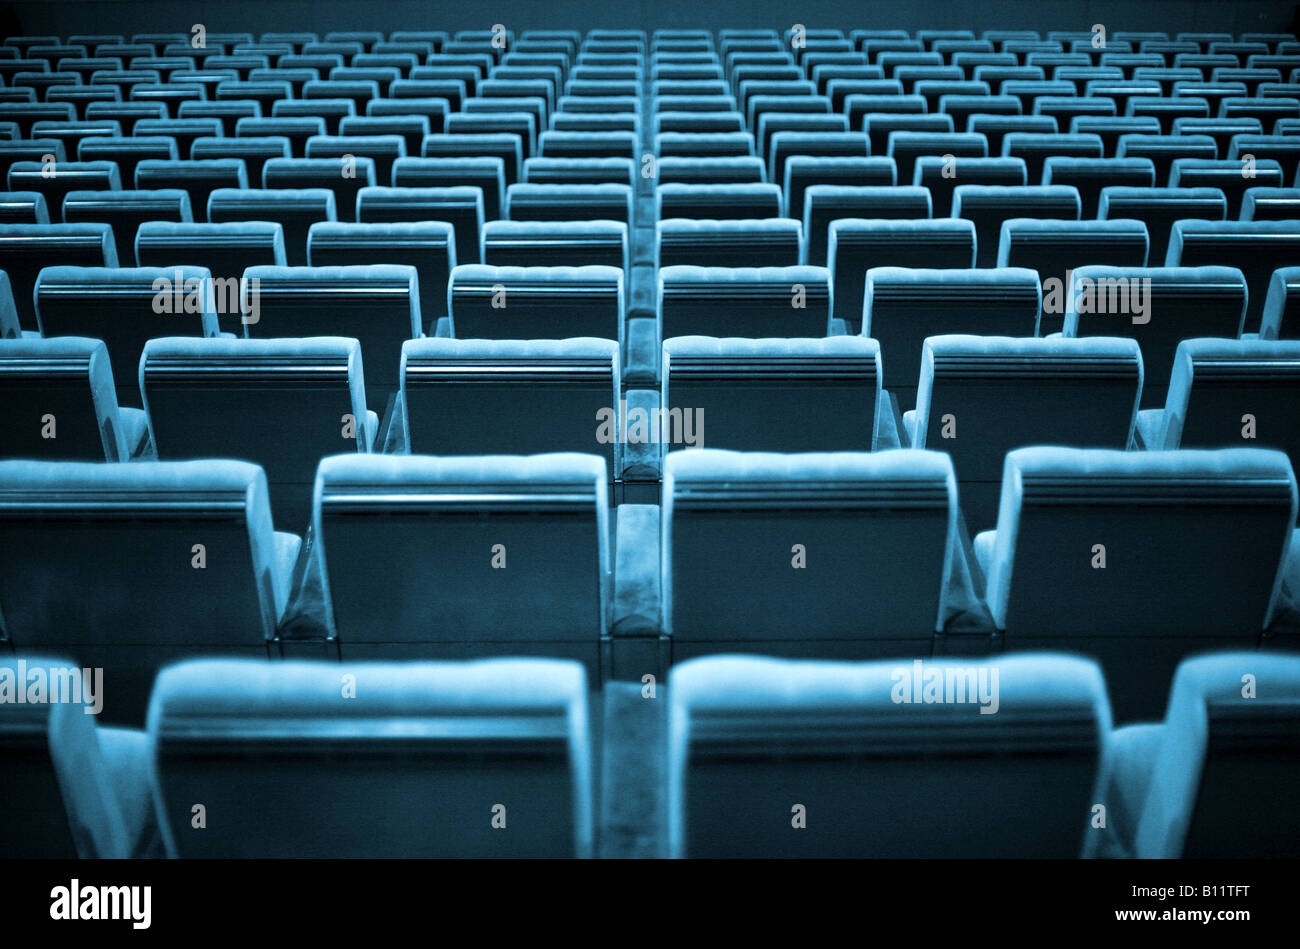 Chaises vides au cinéma ou au théâtre. Ton bleu. Photo Stock